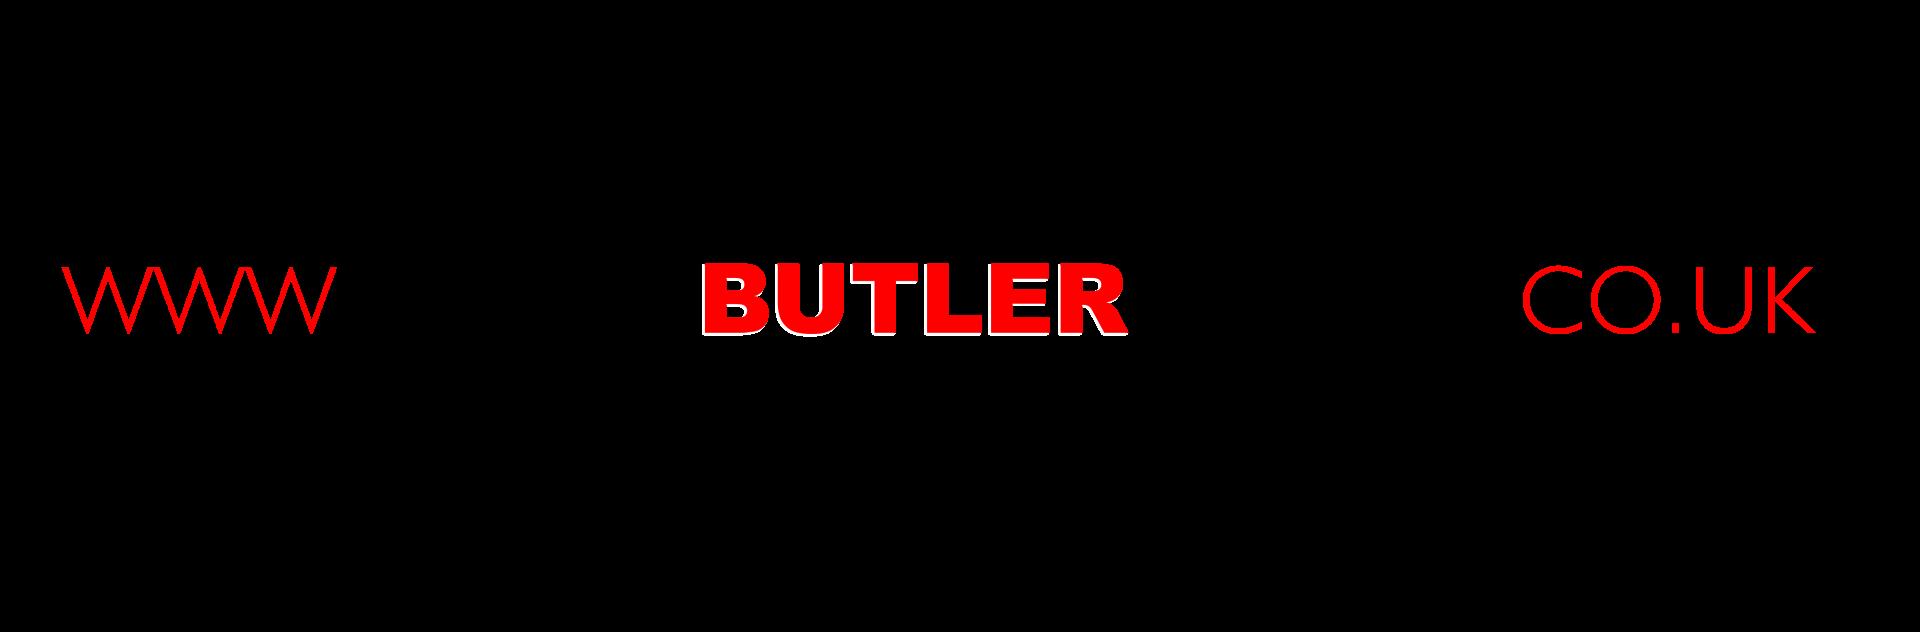 buff butlers aberdeen